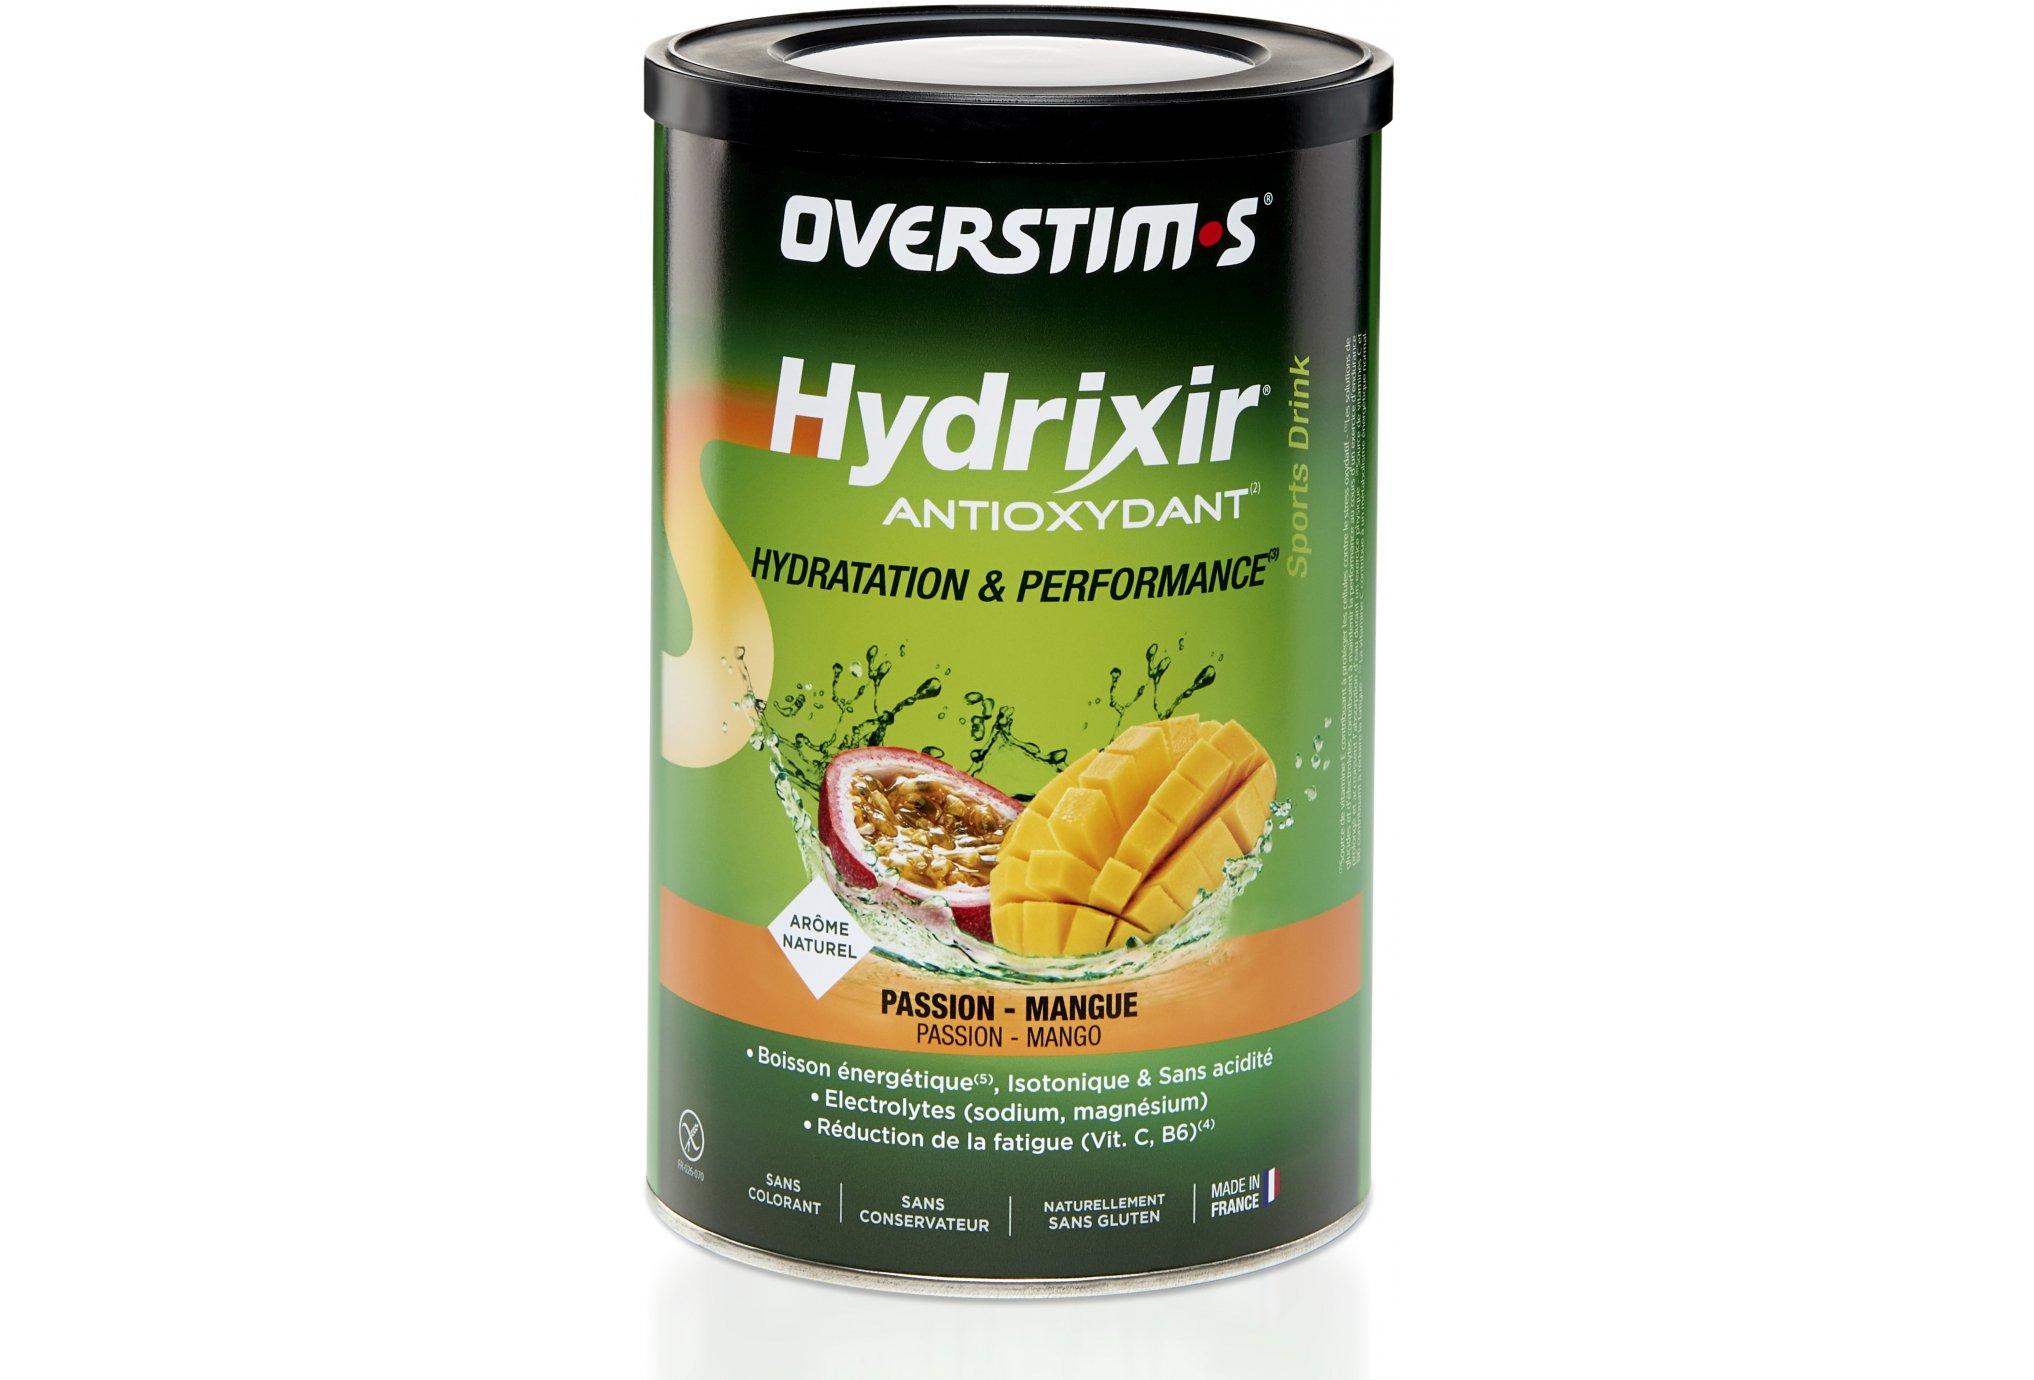 OVERSTIMS Hydrixir 600g - Passion mangue Diététique Boissons